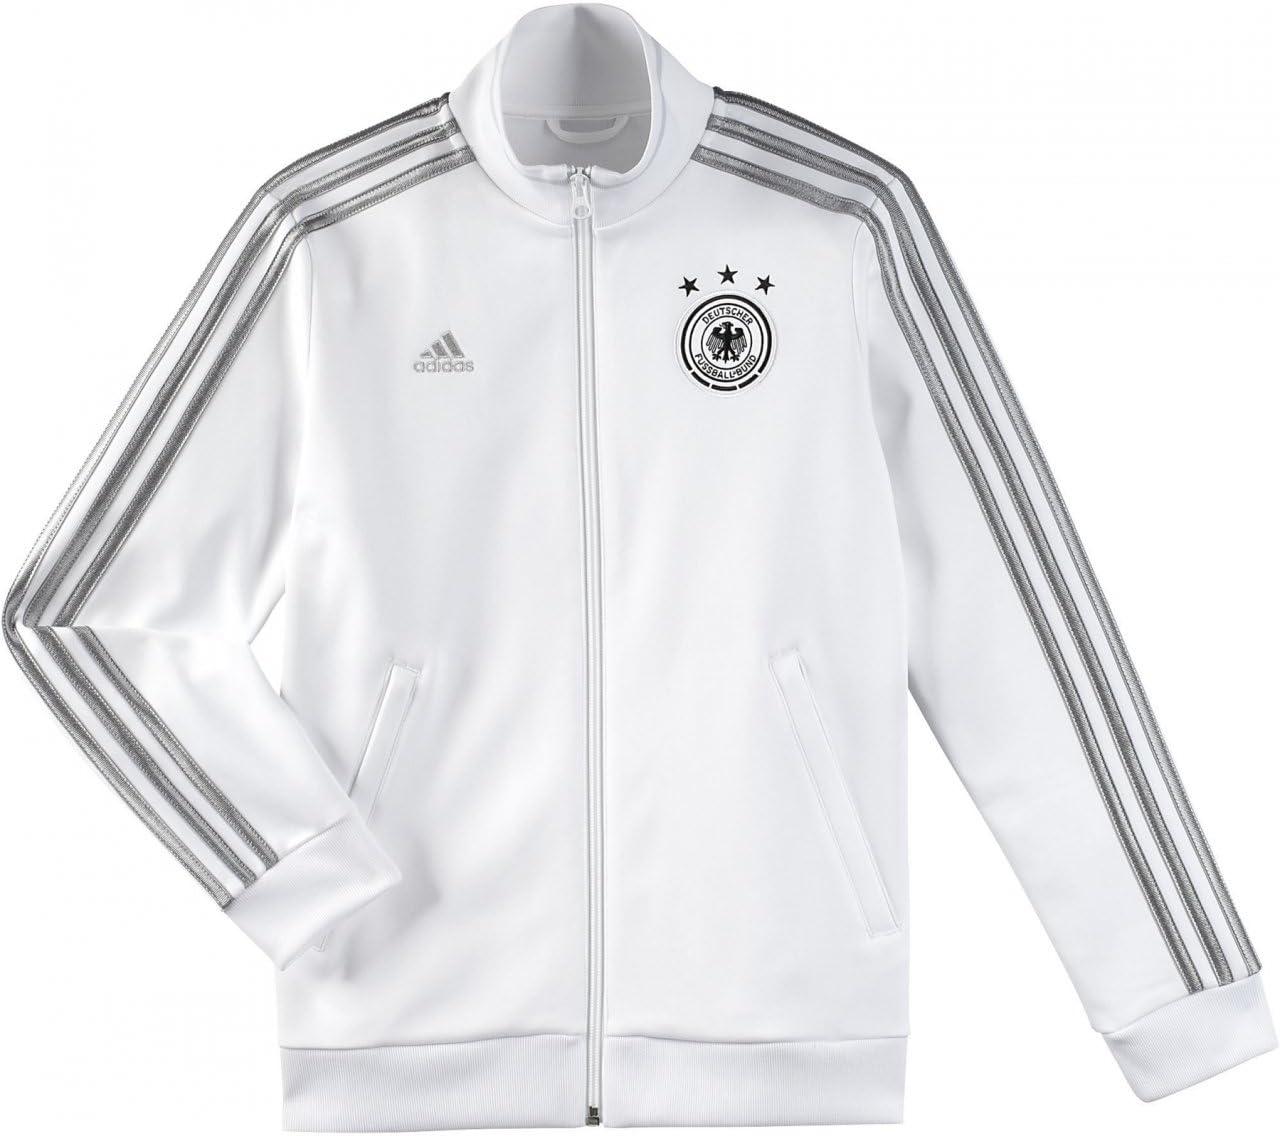 Adidas fútbol Chaqueta alemania nuevo 164: Amazon.es: Deportes y ...